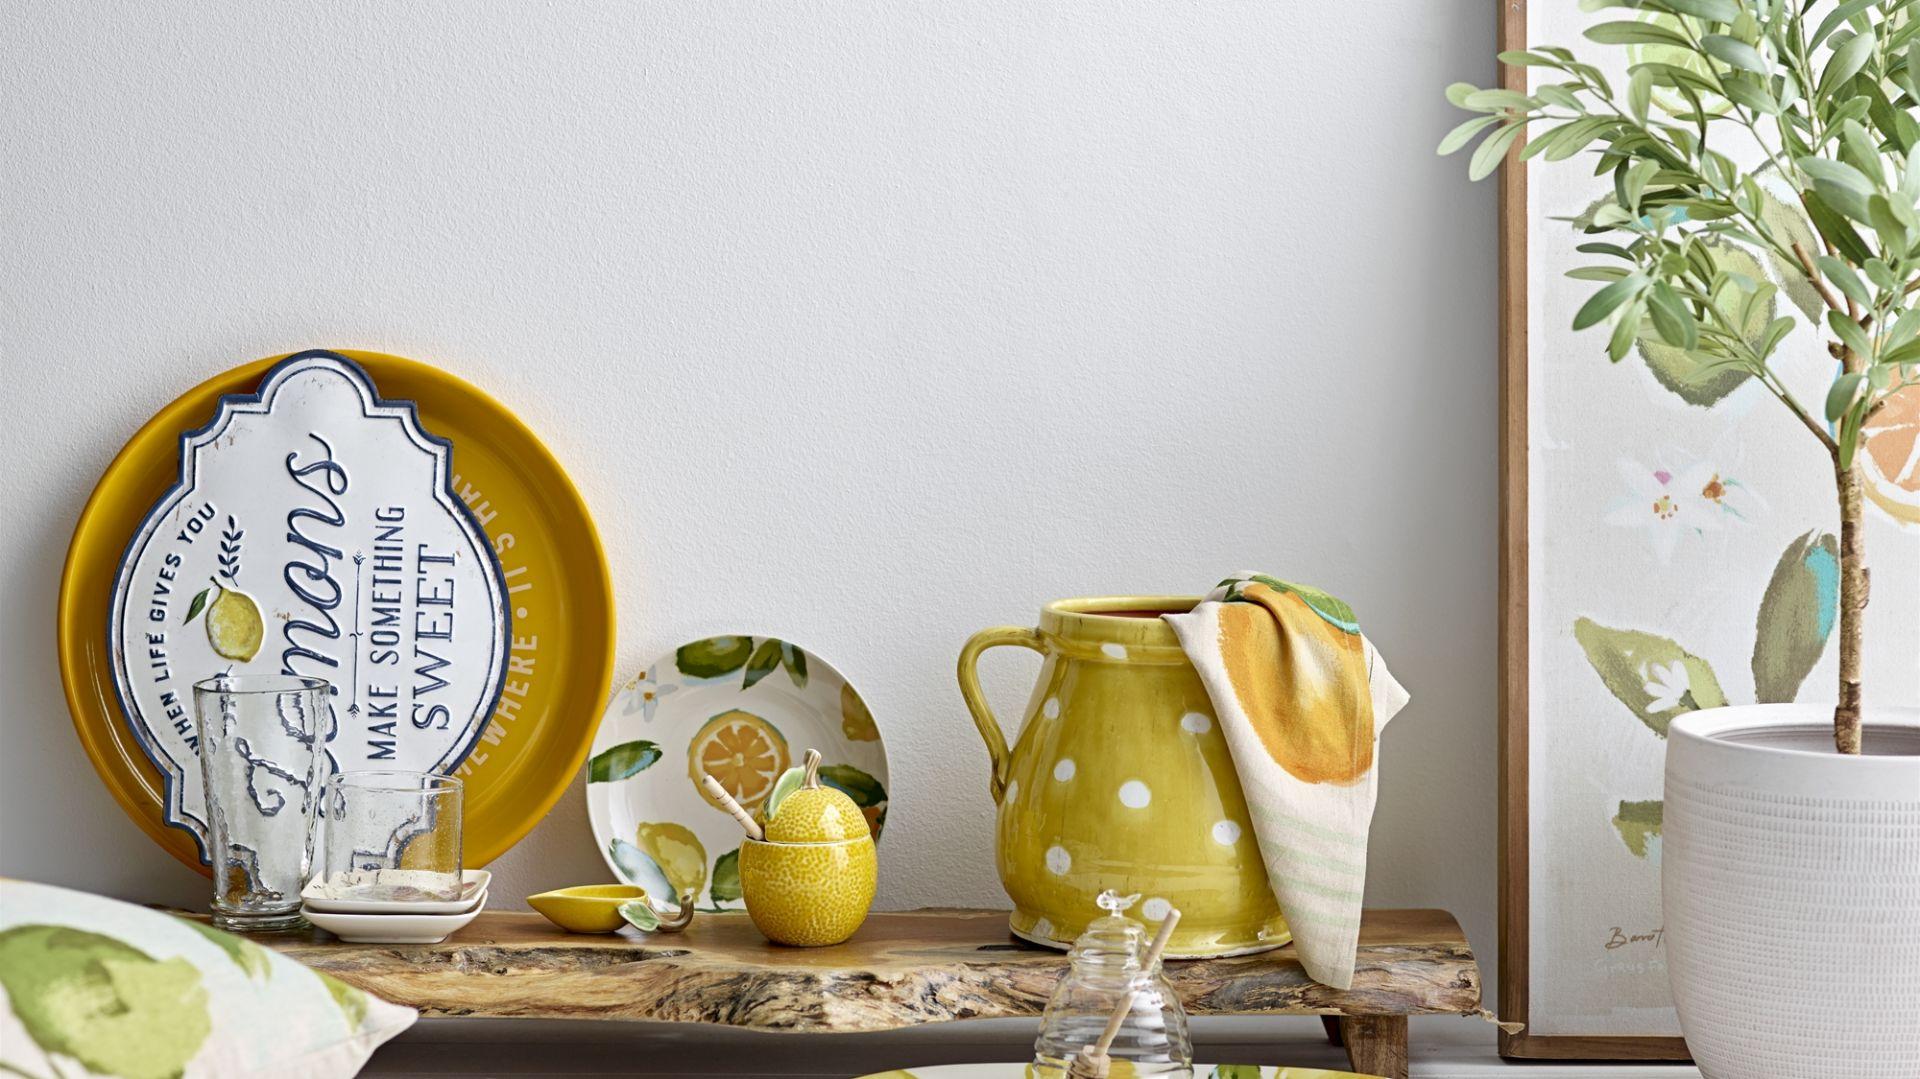 Soczyste cytryny i modna zieleń na ceramice z kolekcji Gatherings ożywią każdą aranżację stołu. Fot. Bloomingville